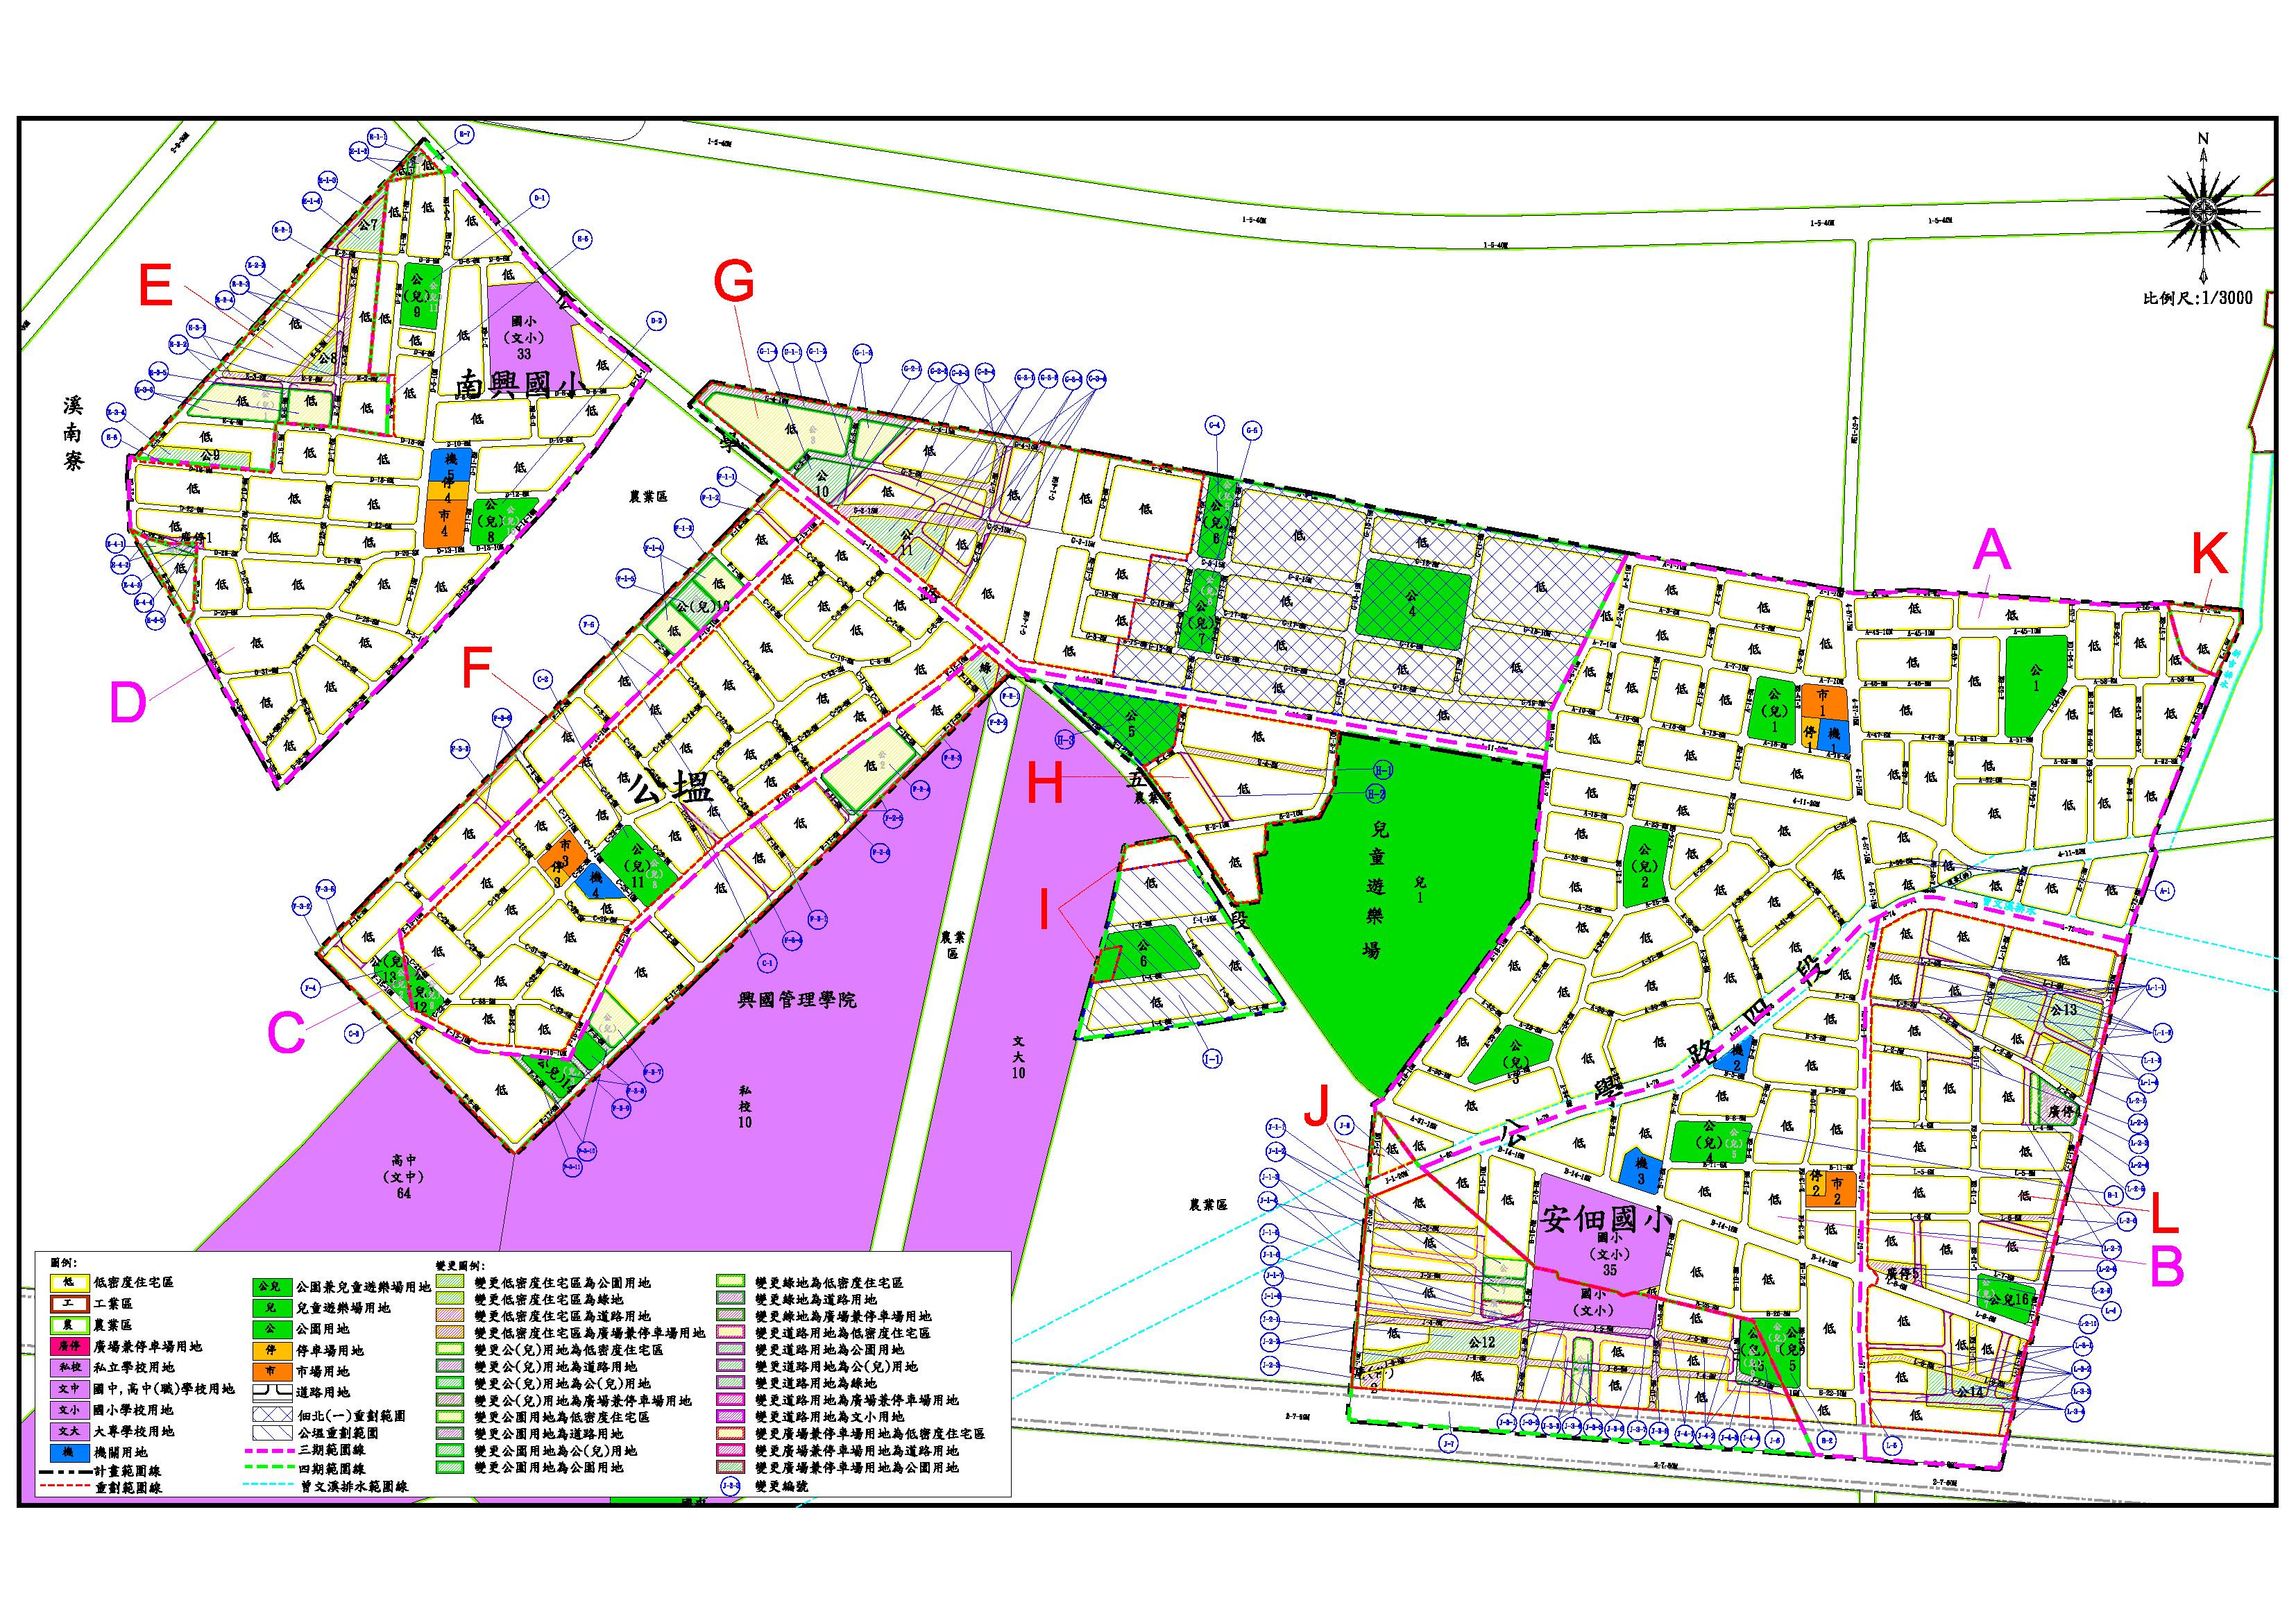 本市十二佃、公塭里、南興里地區都市計畫通盤檢討案自99年5月24日起公開展覽  0